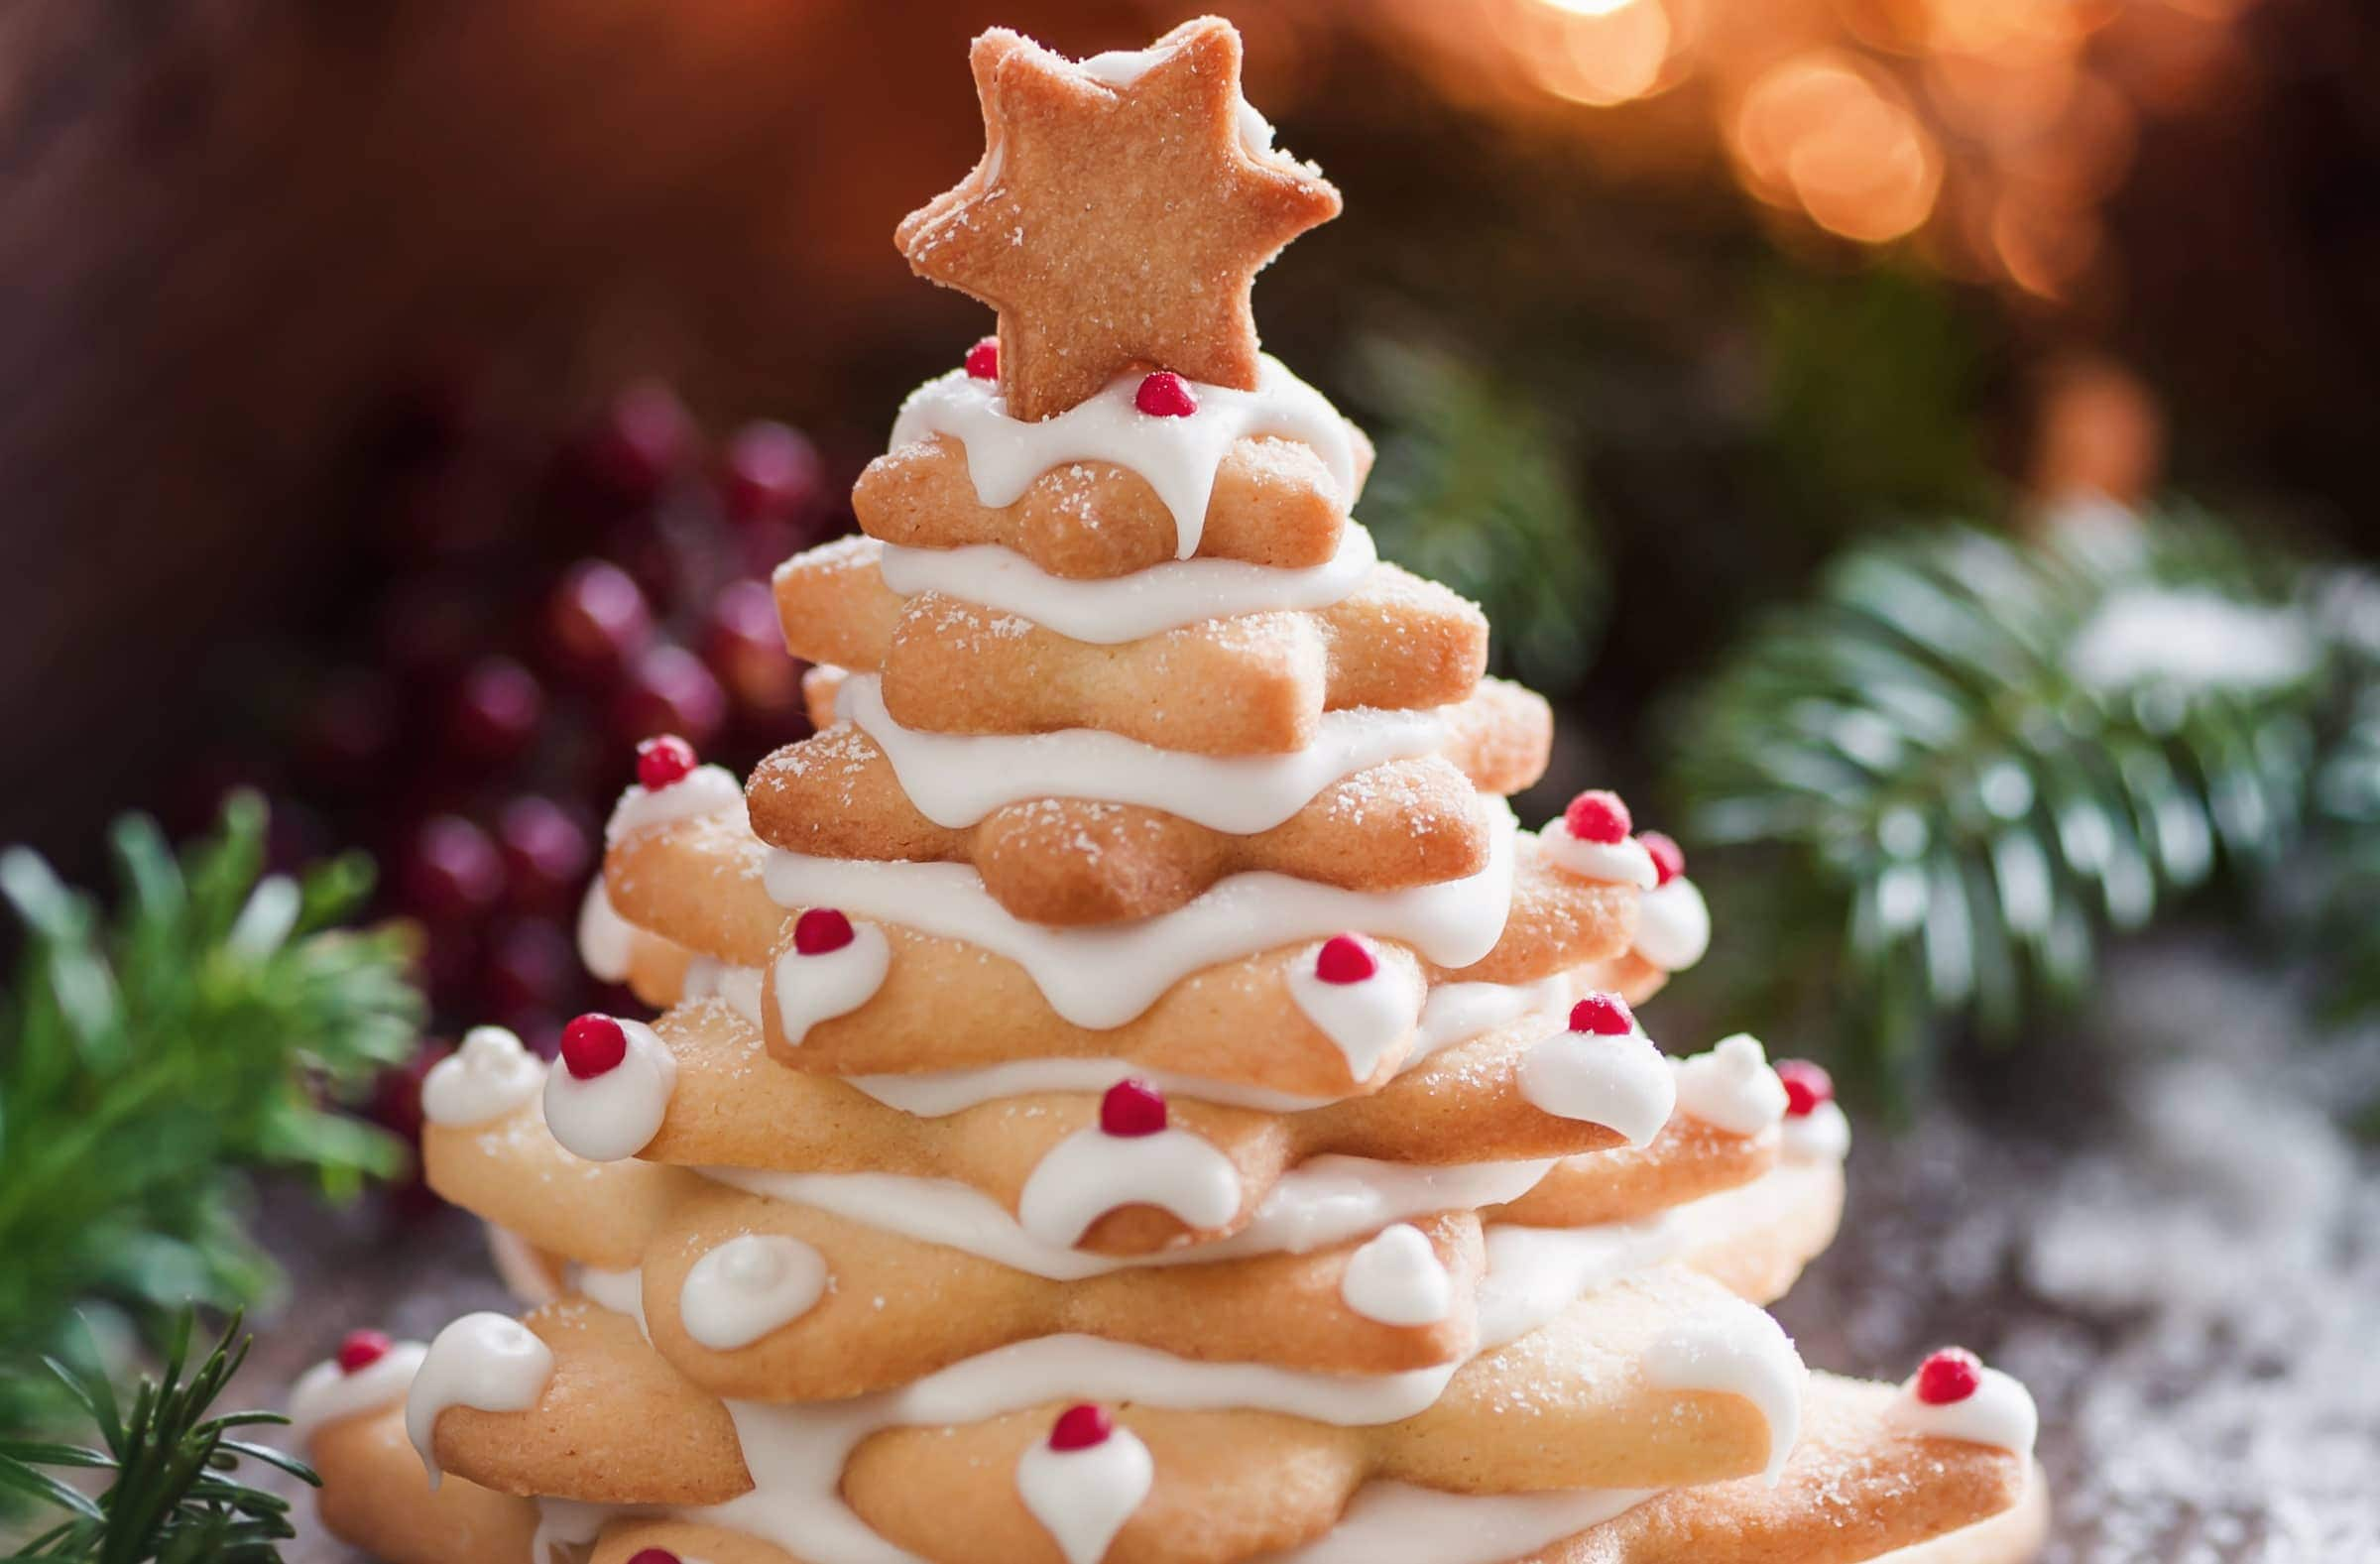 Albero Di Natale Con Biscotti.Ricetta Albero Di Natale Di Biscotti Il Club Delle Ricette